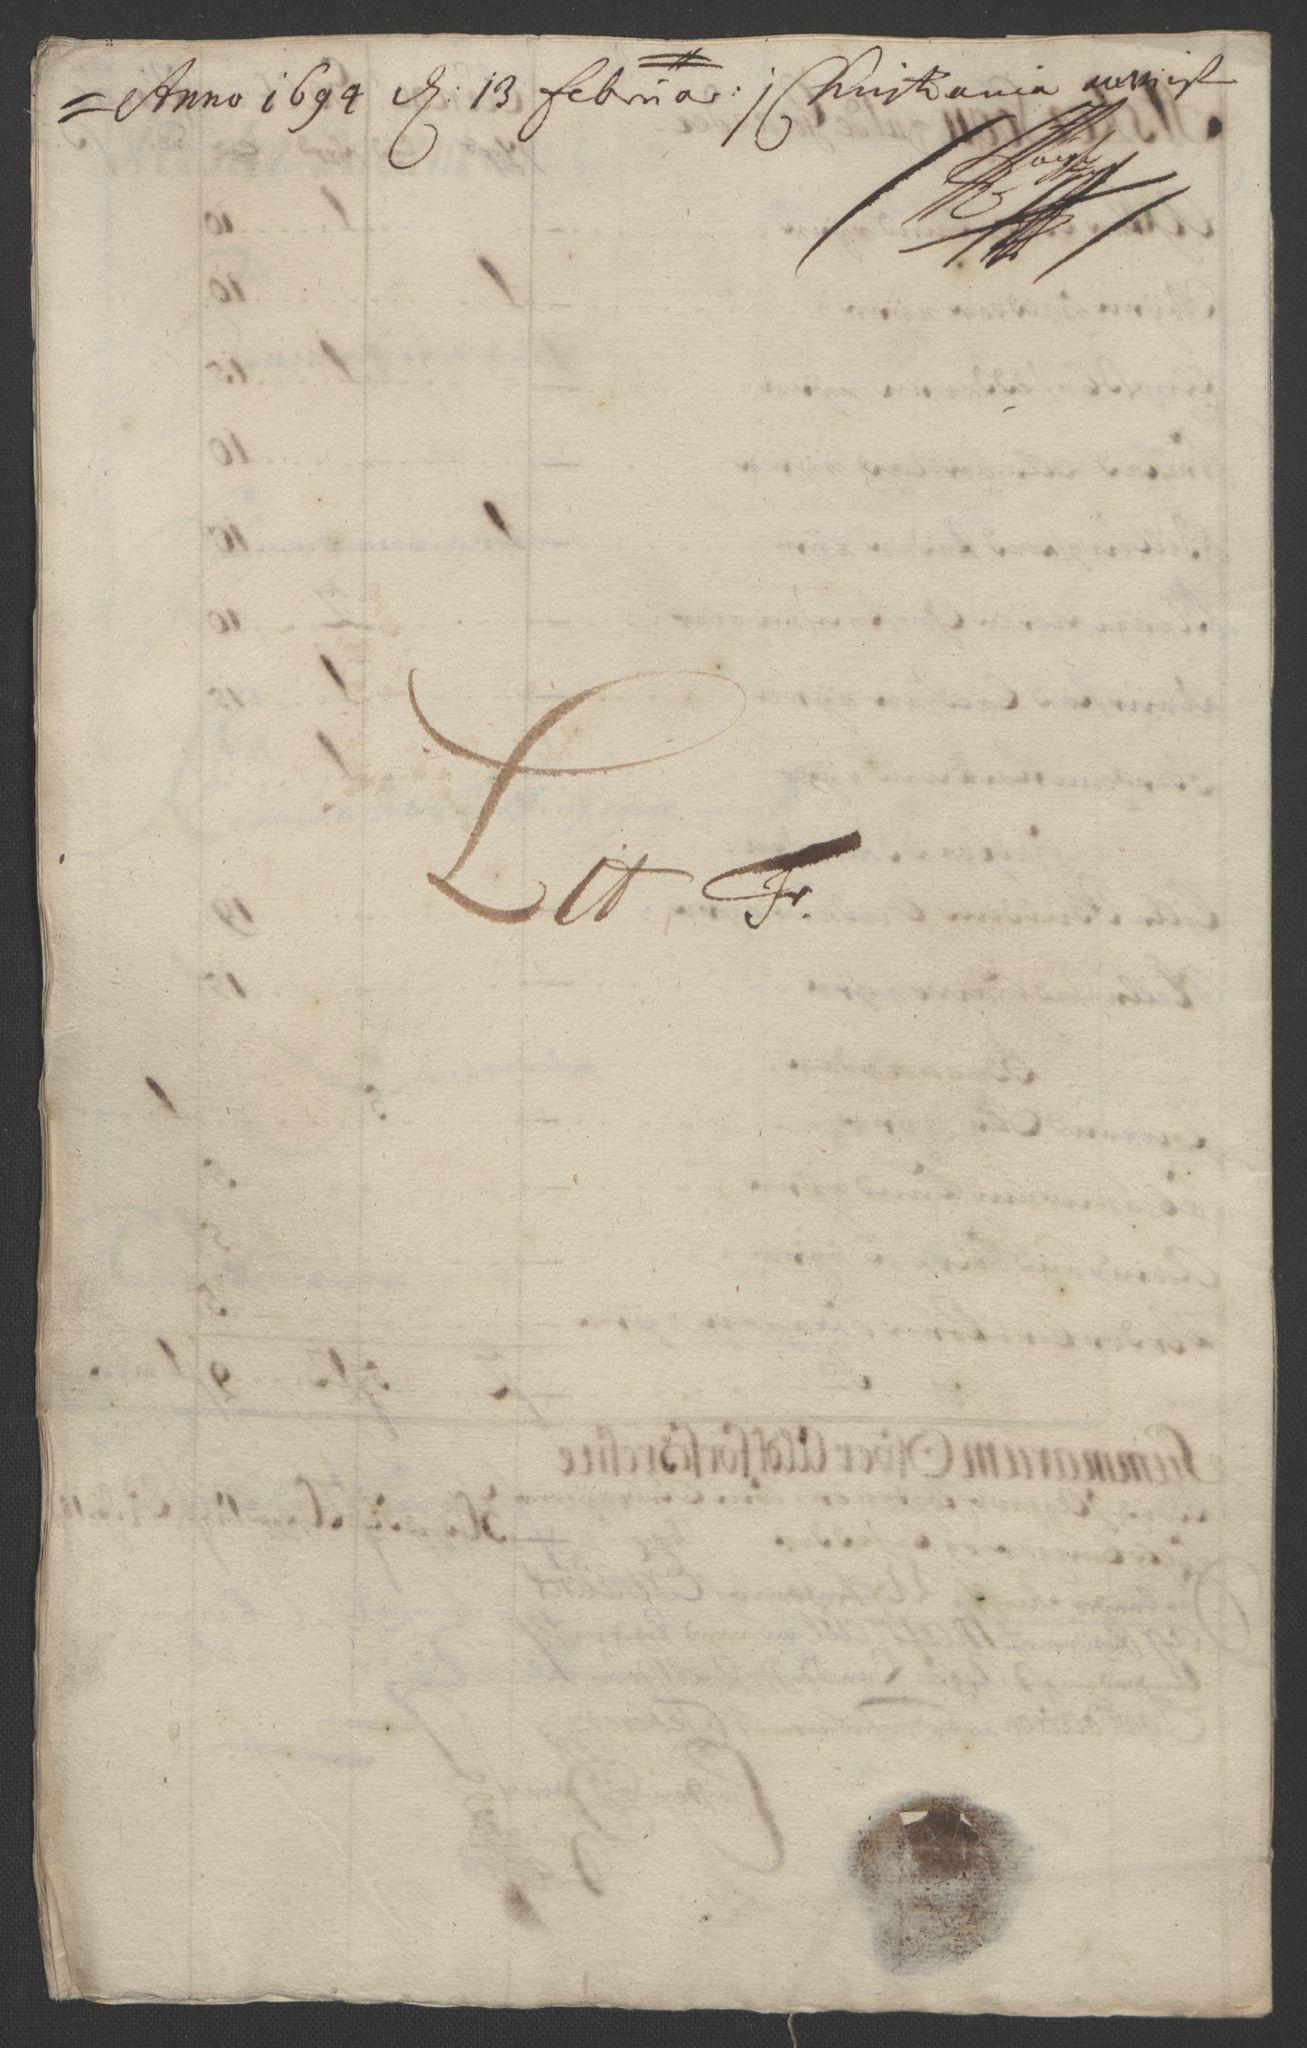 RA, Rentekammeret inntil 1814, Reviderte regnskaper, Fogderegnskap, R08/L0426: Fogderegnskap Aker, 1692-1693, s. 343